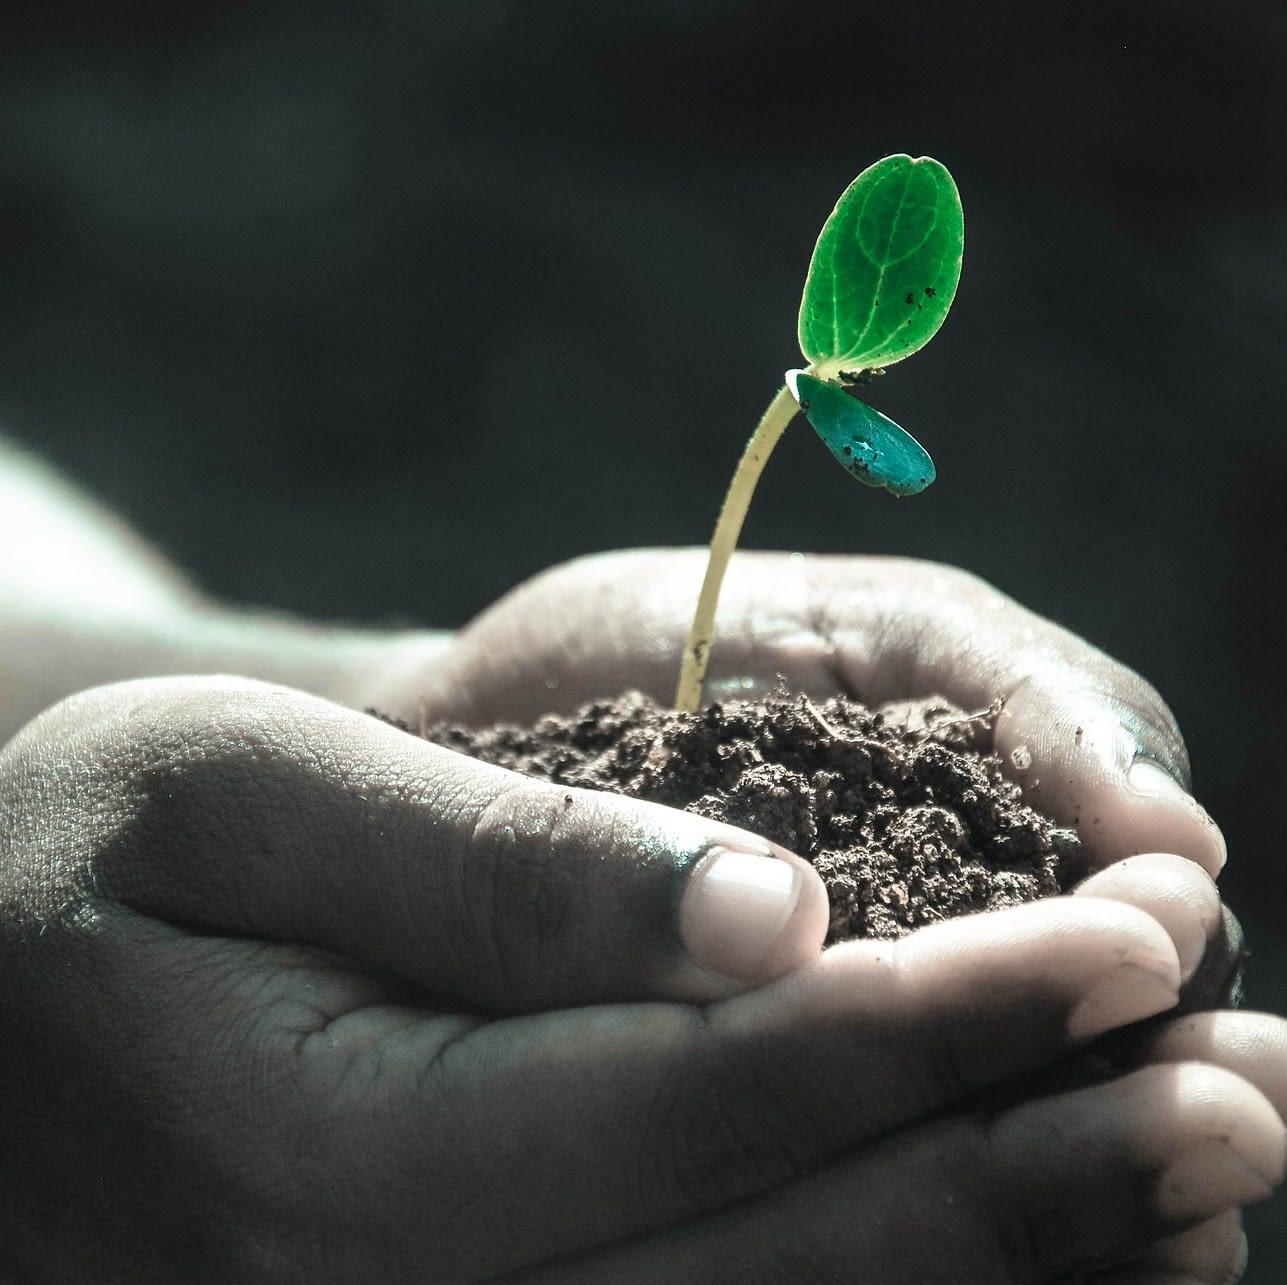 Pflanze in Händen